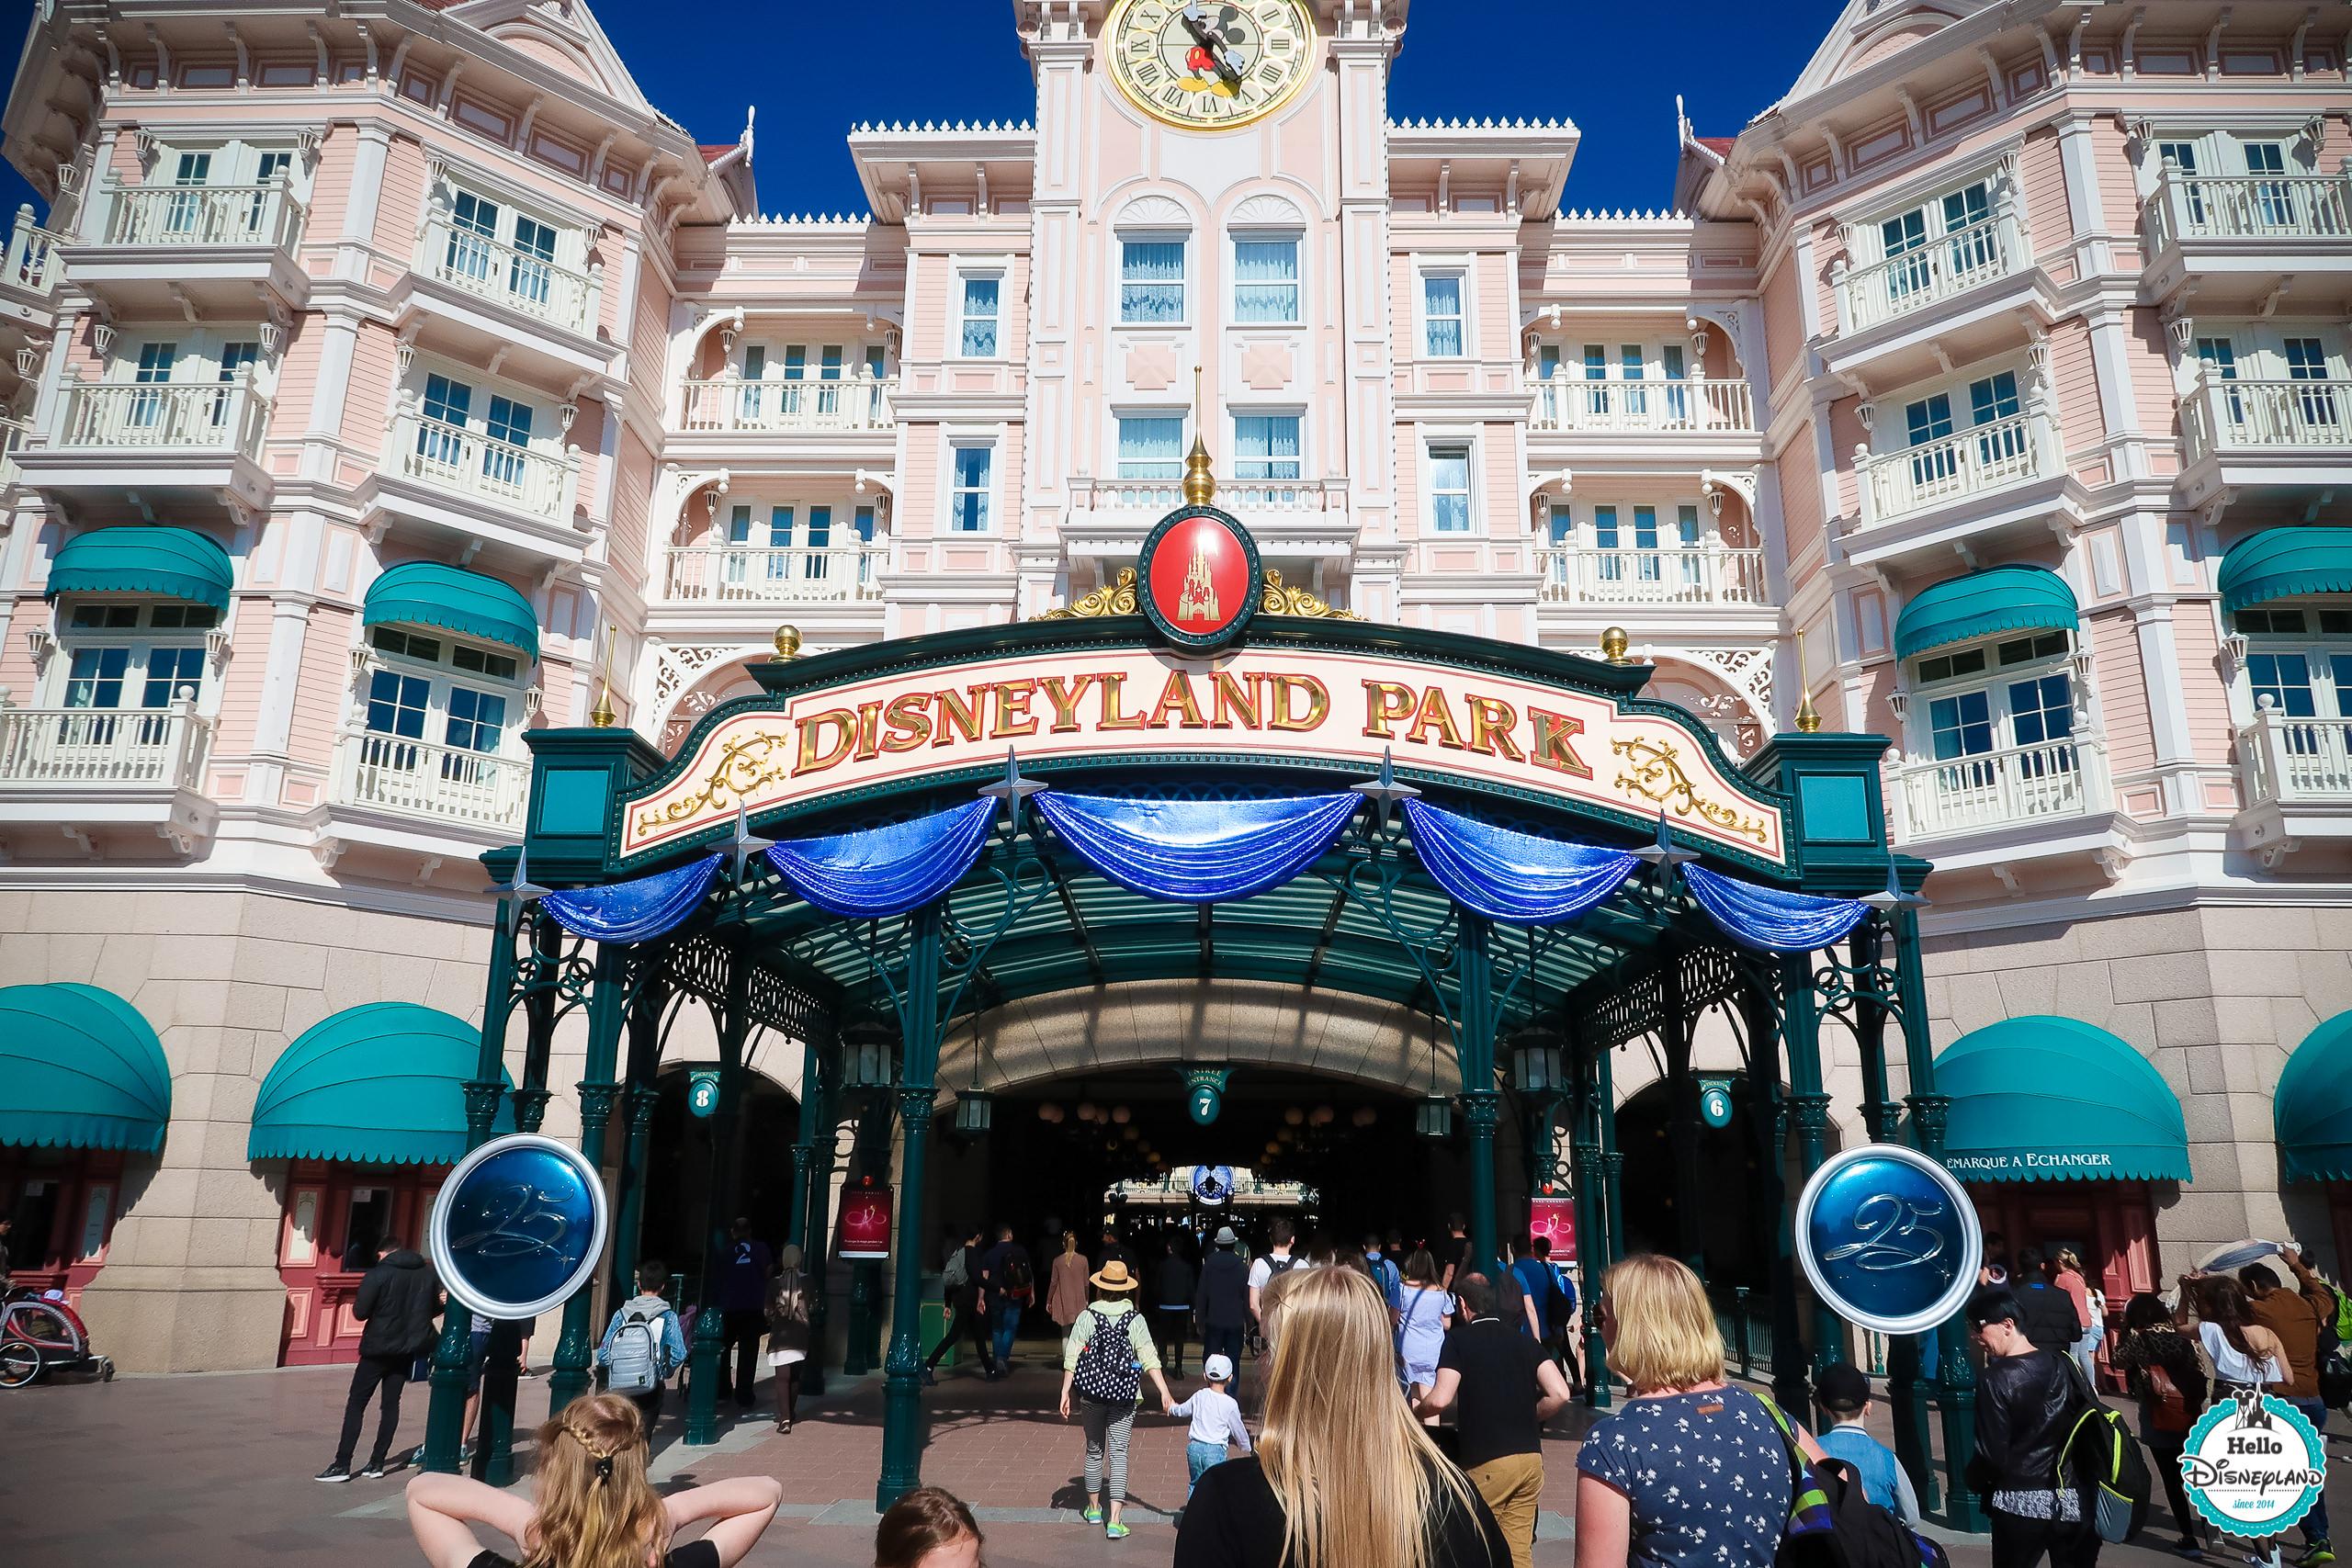 Les 25 Ans De Disneyland Paris En Images Hello